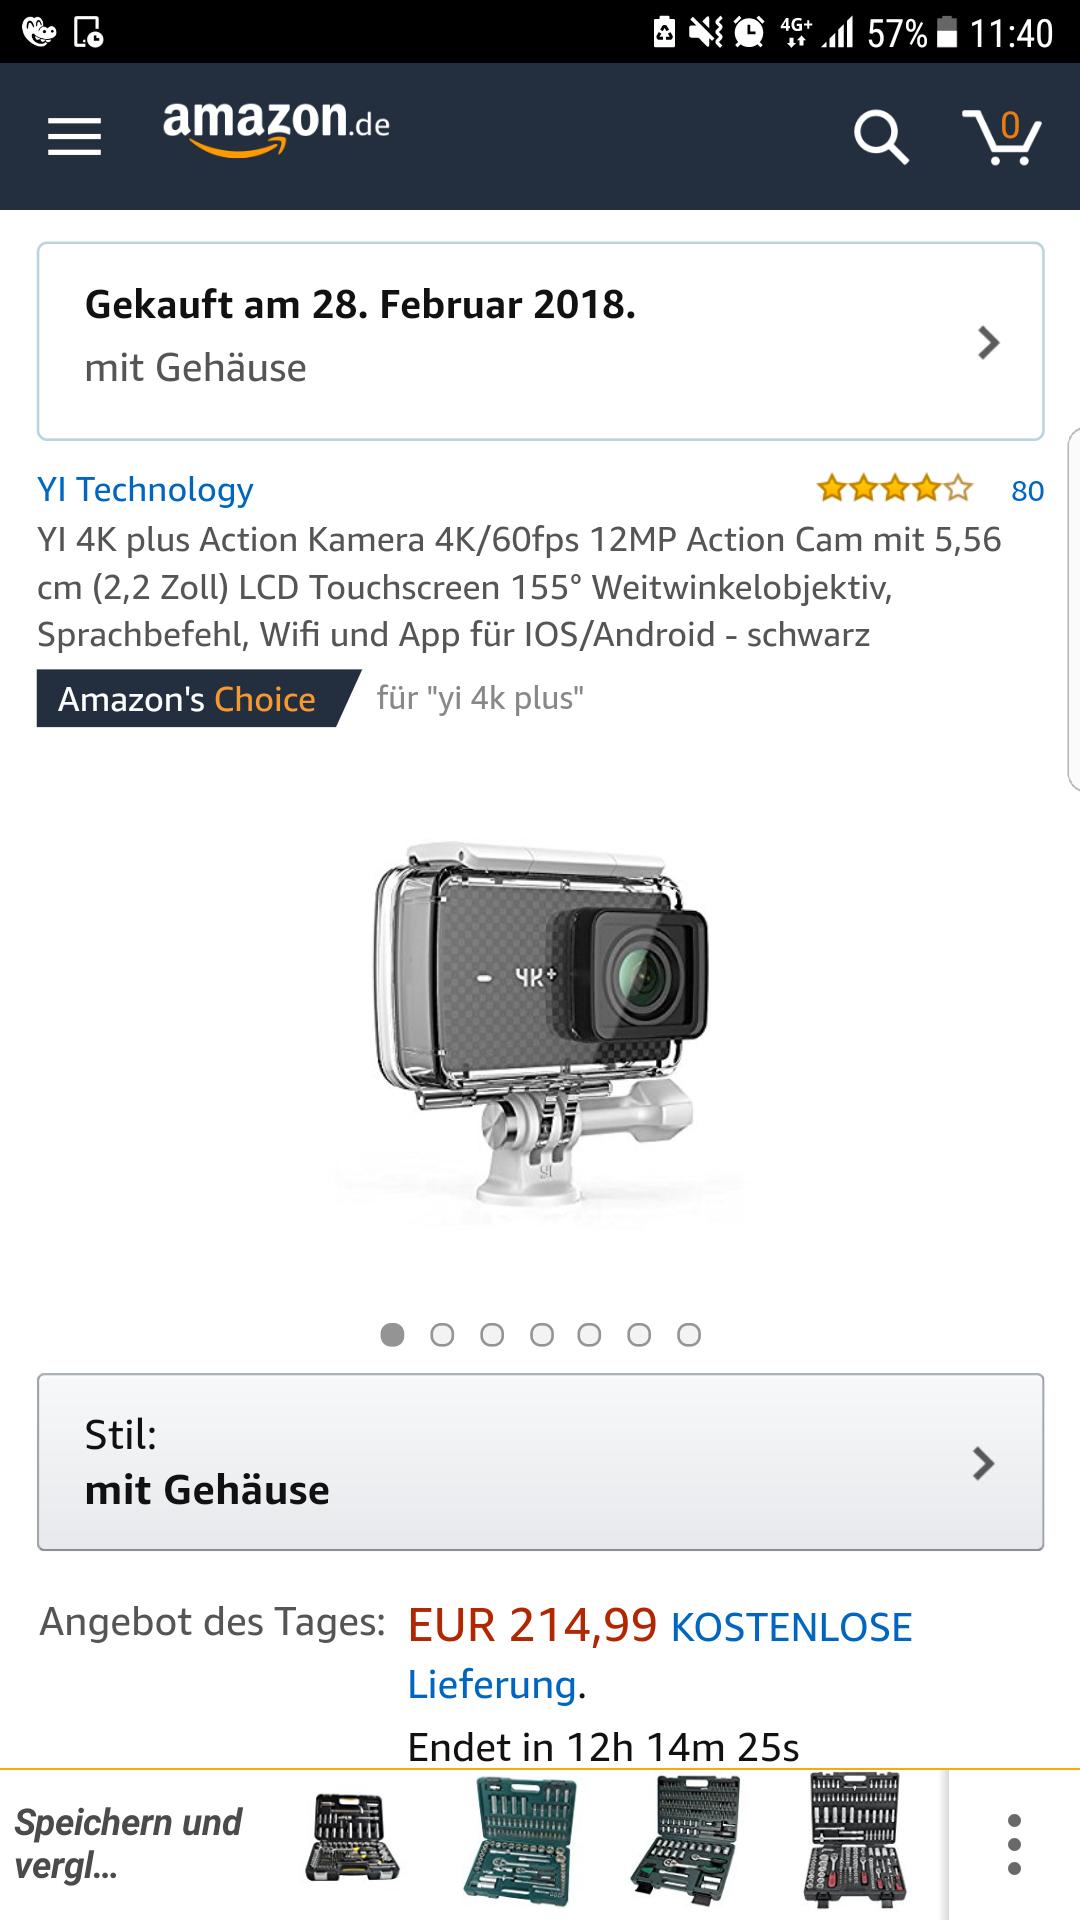 [Amazon]Yi 4k+(mit Gehäuse)+YI Type C Konverter Kabel zu RCA Angebot des Tages um 214,99€